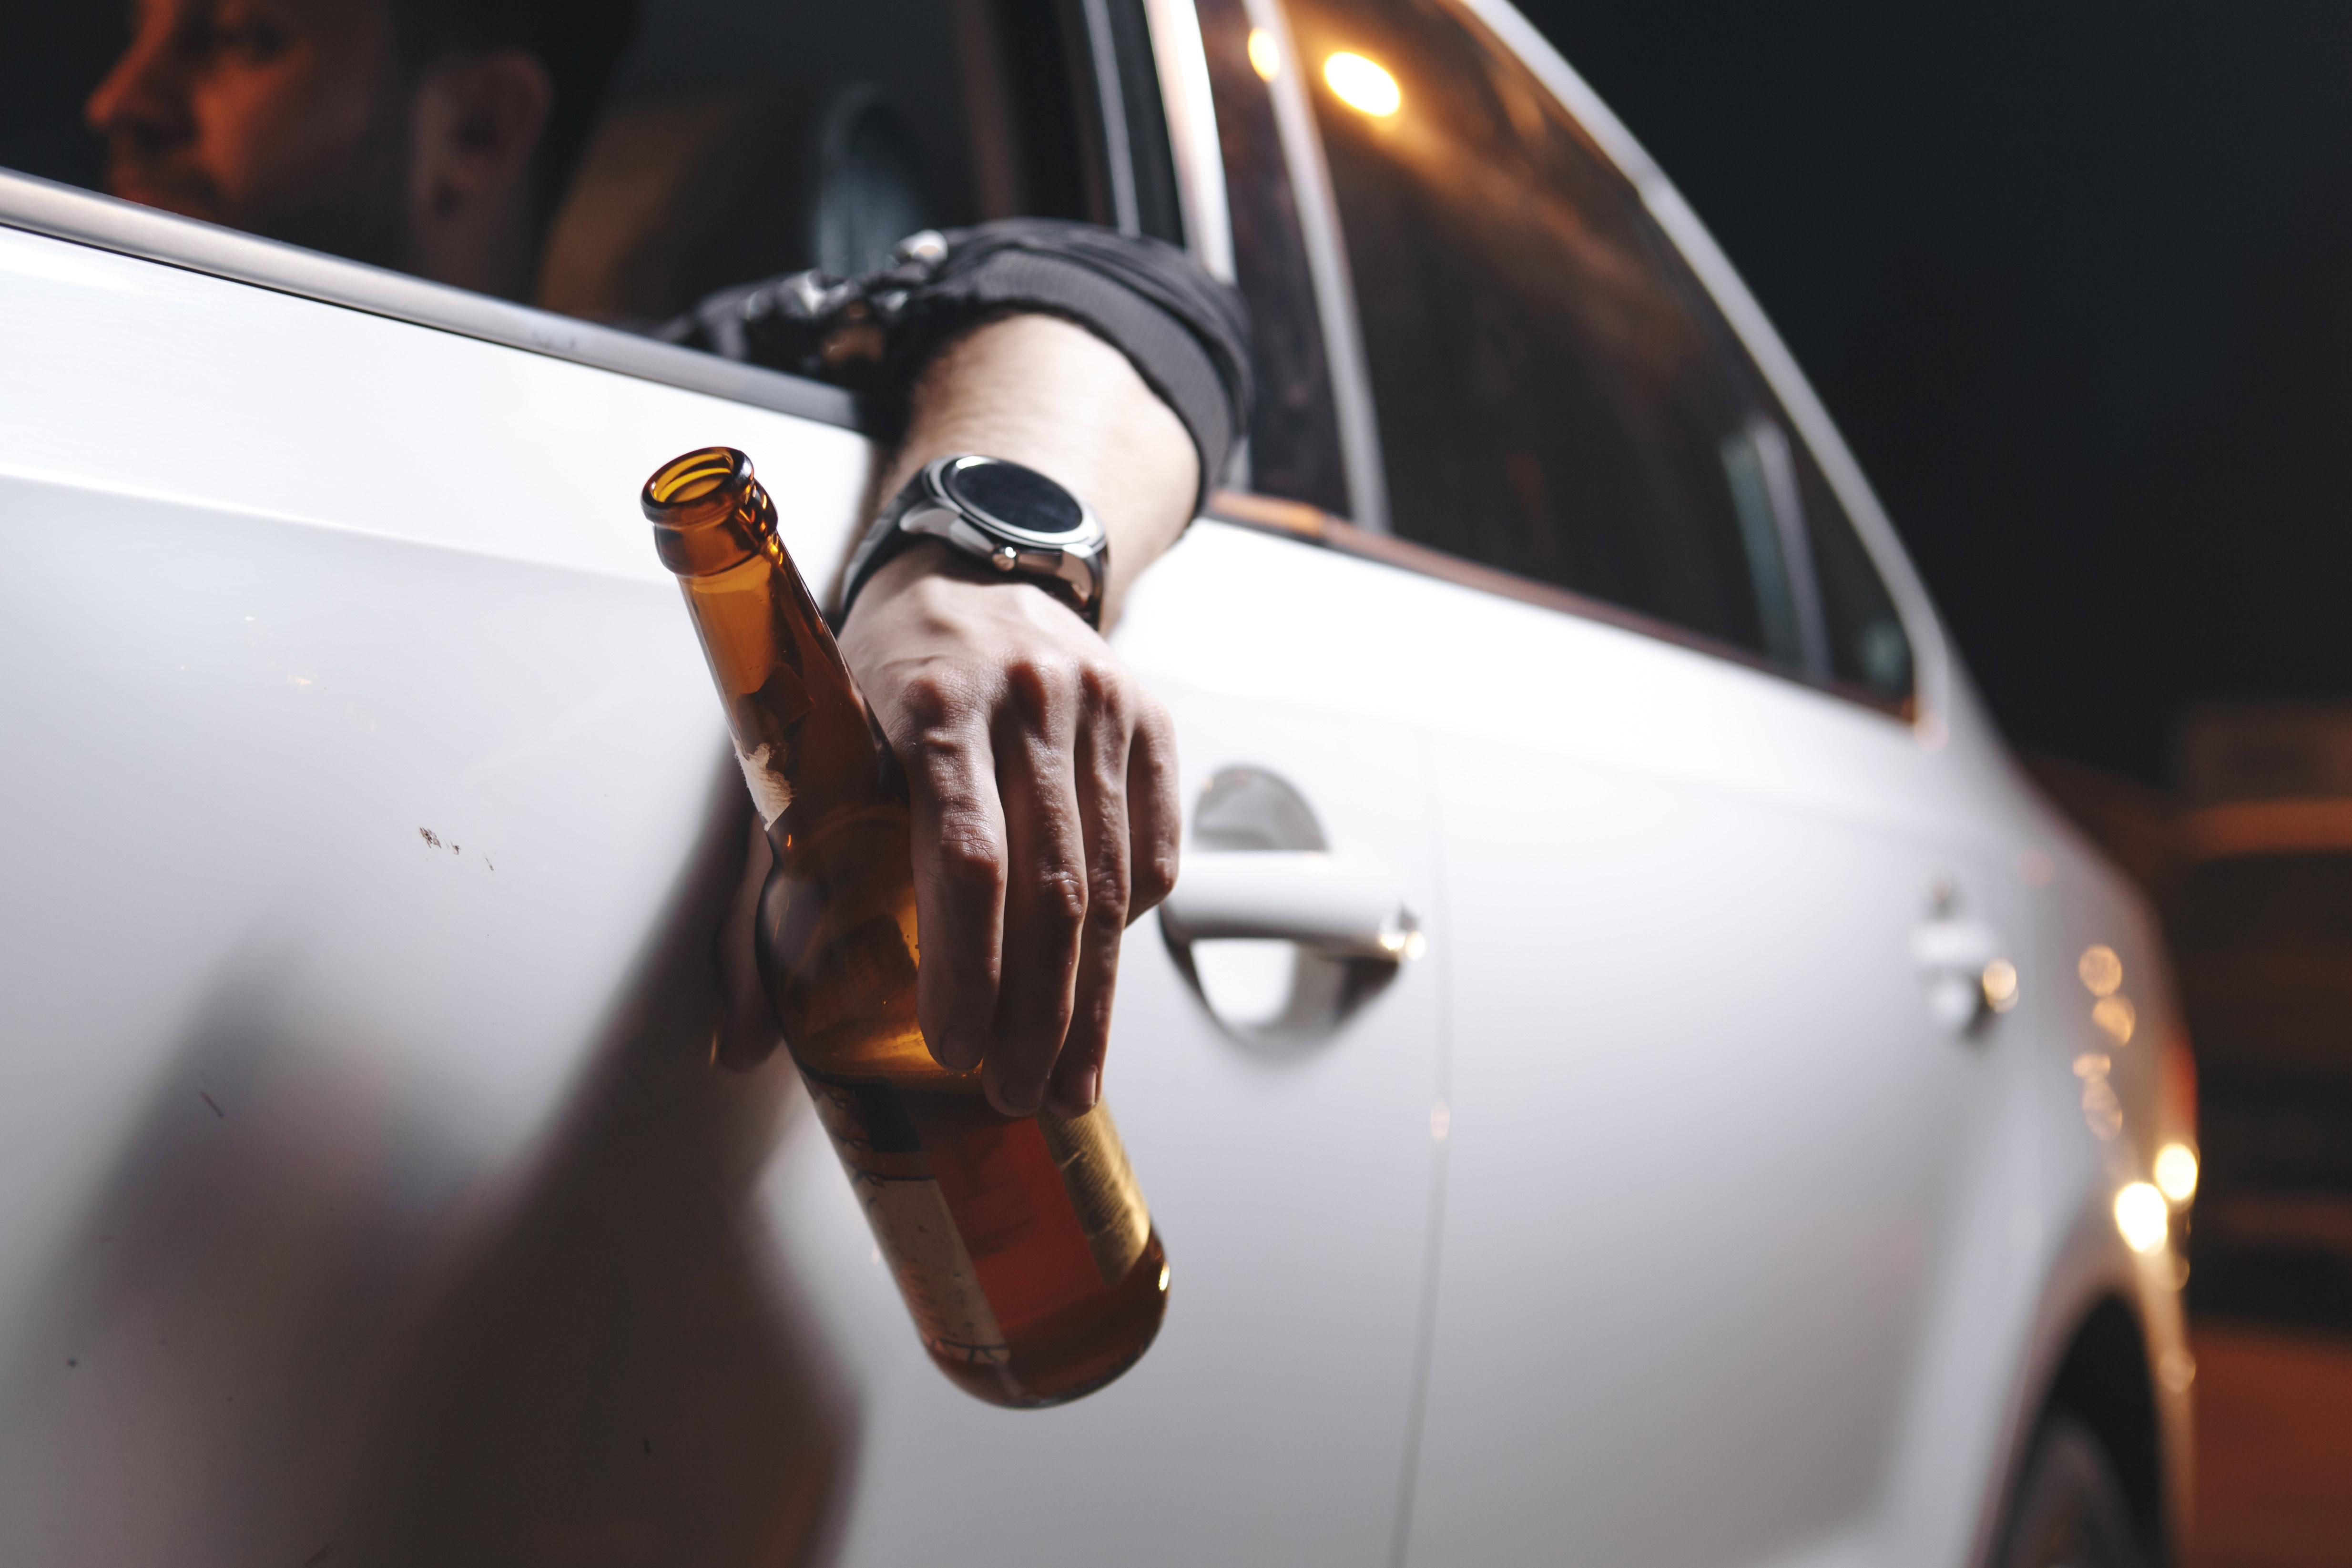 Intoxicatie of dronkenschap